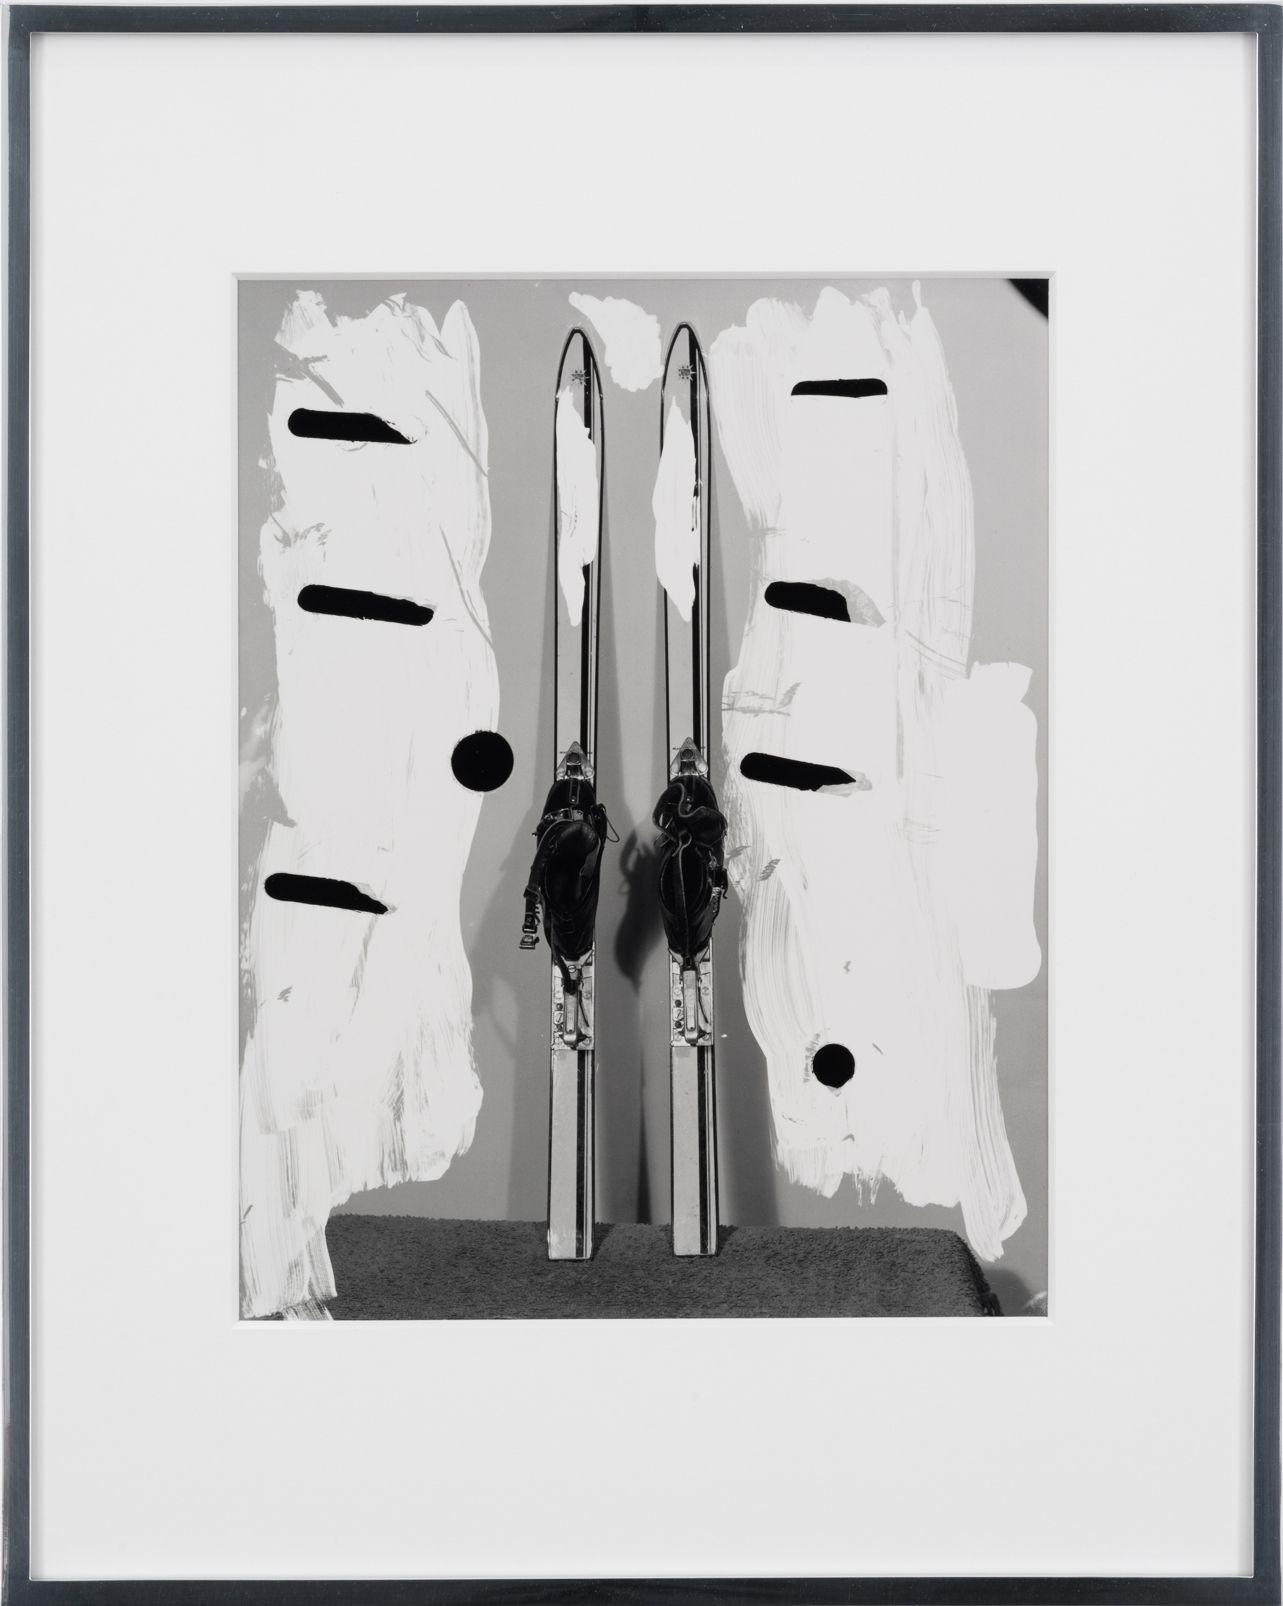 Elad Lassry, Untitled (Ski Set A), 2018